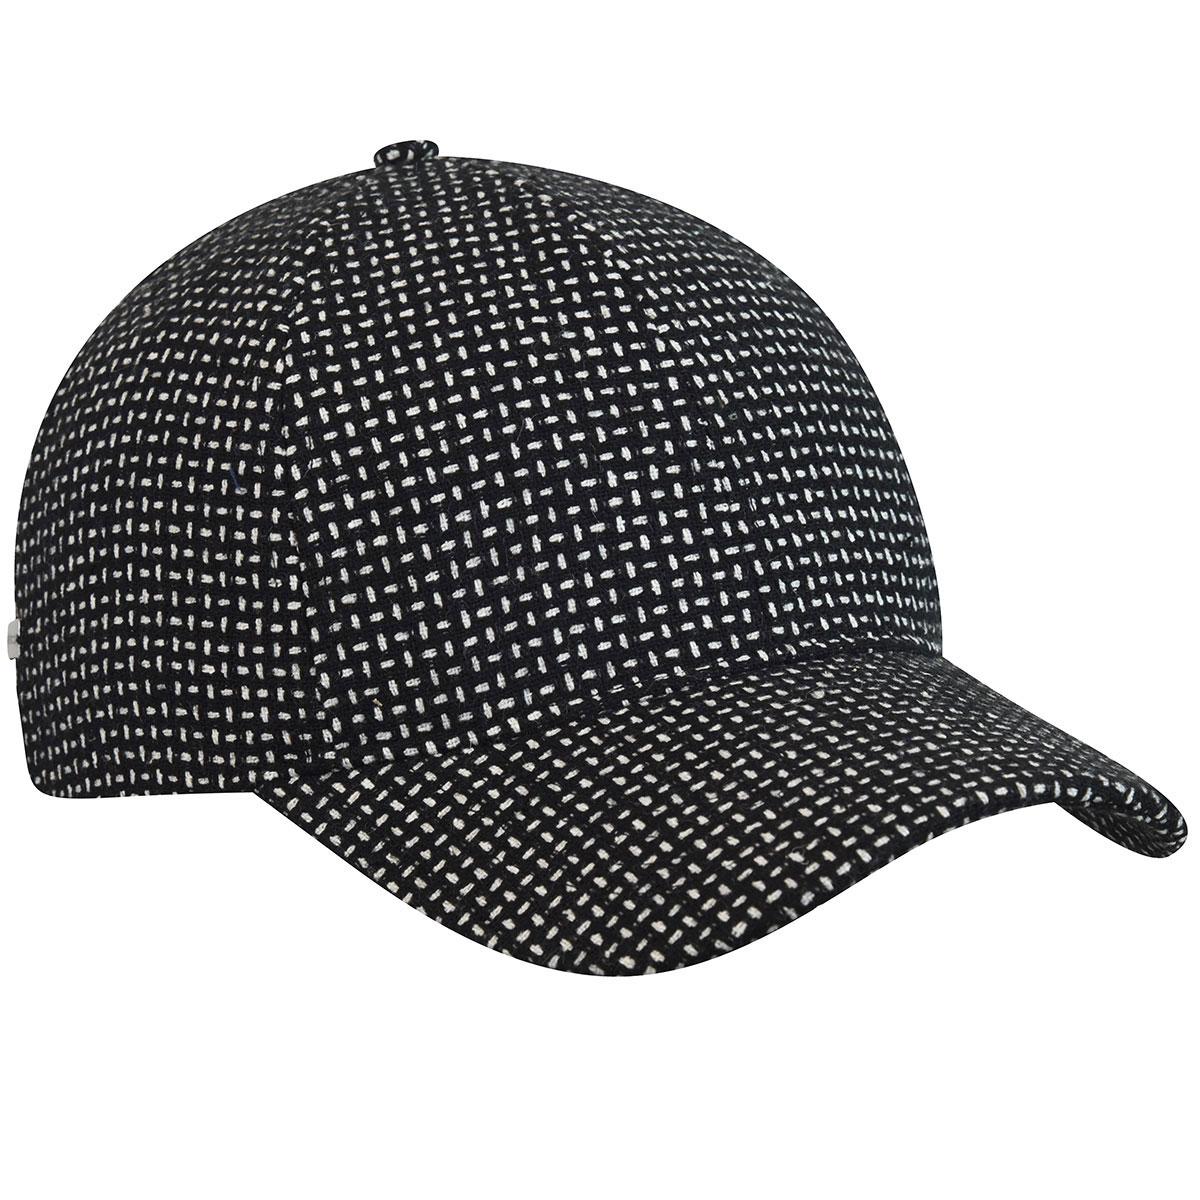 Betmar Pattern Baseball Cap in Black,White